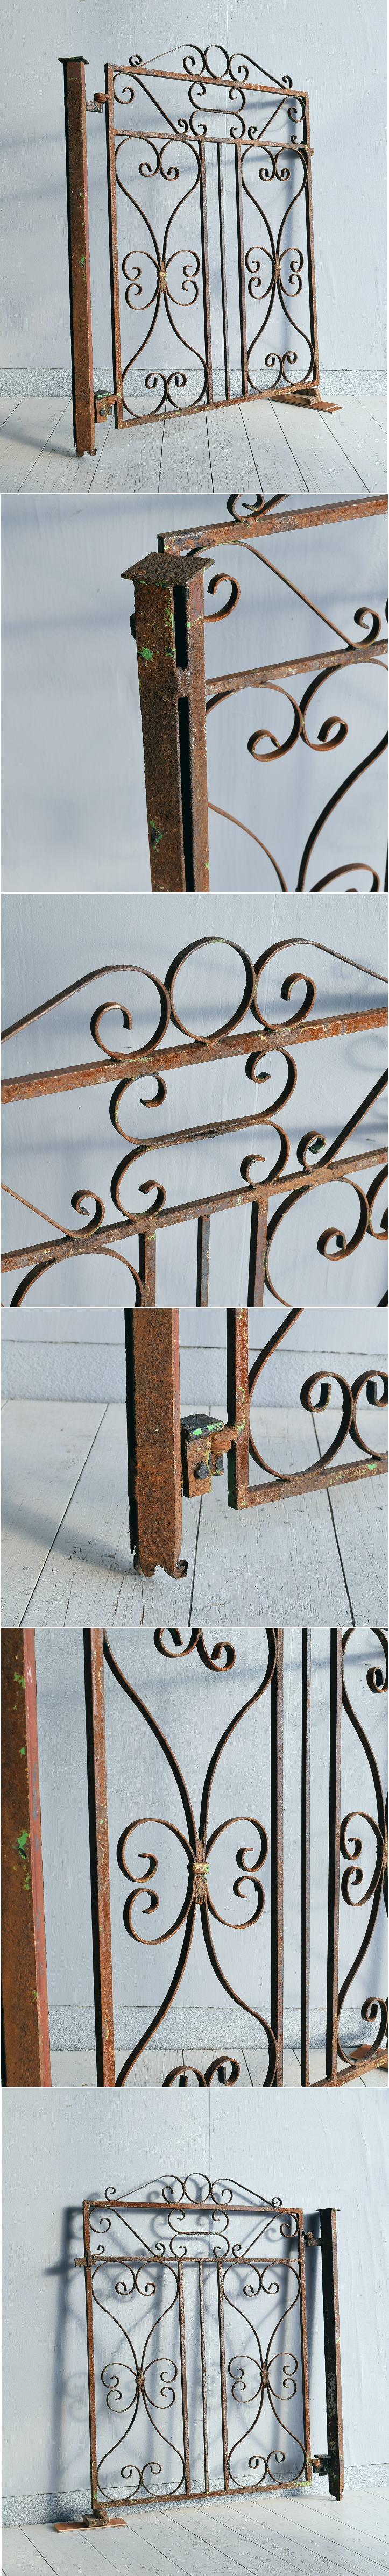 イギリス アンティーク アイアンフェンス ゲート柵 ガーデニング 7719